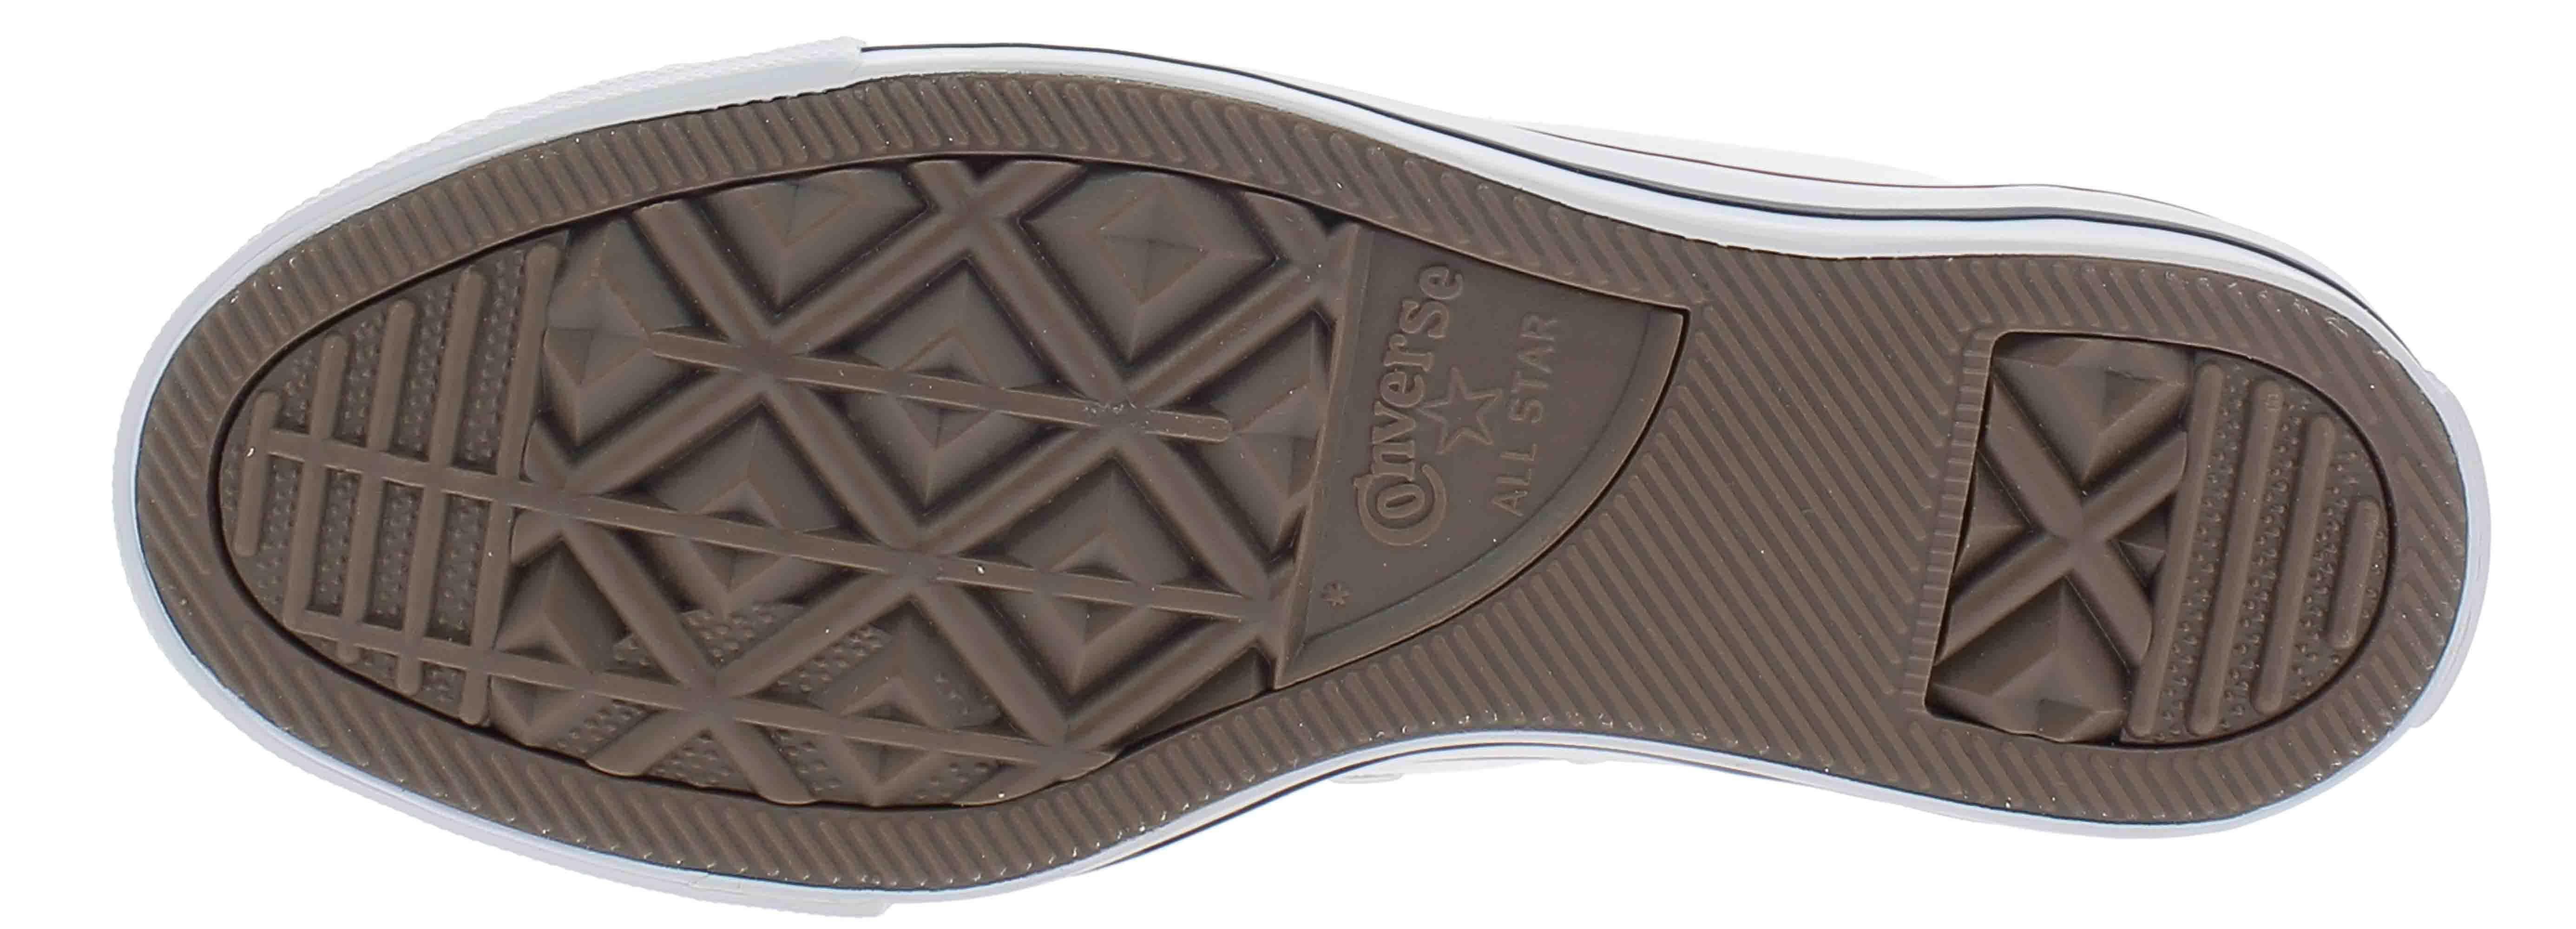 converse converse all star ox optical scarpe sportive basse bianche m7652c